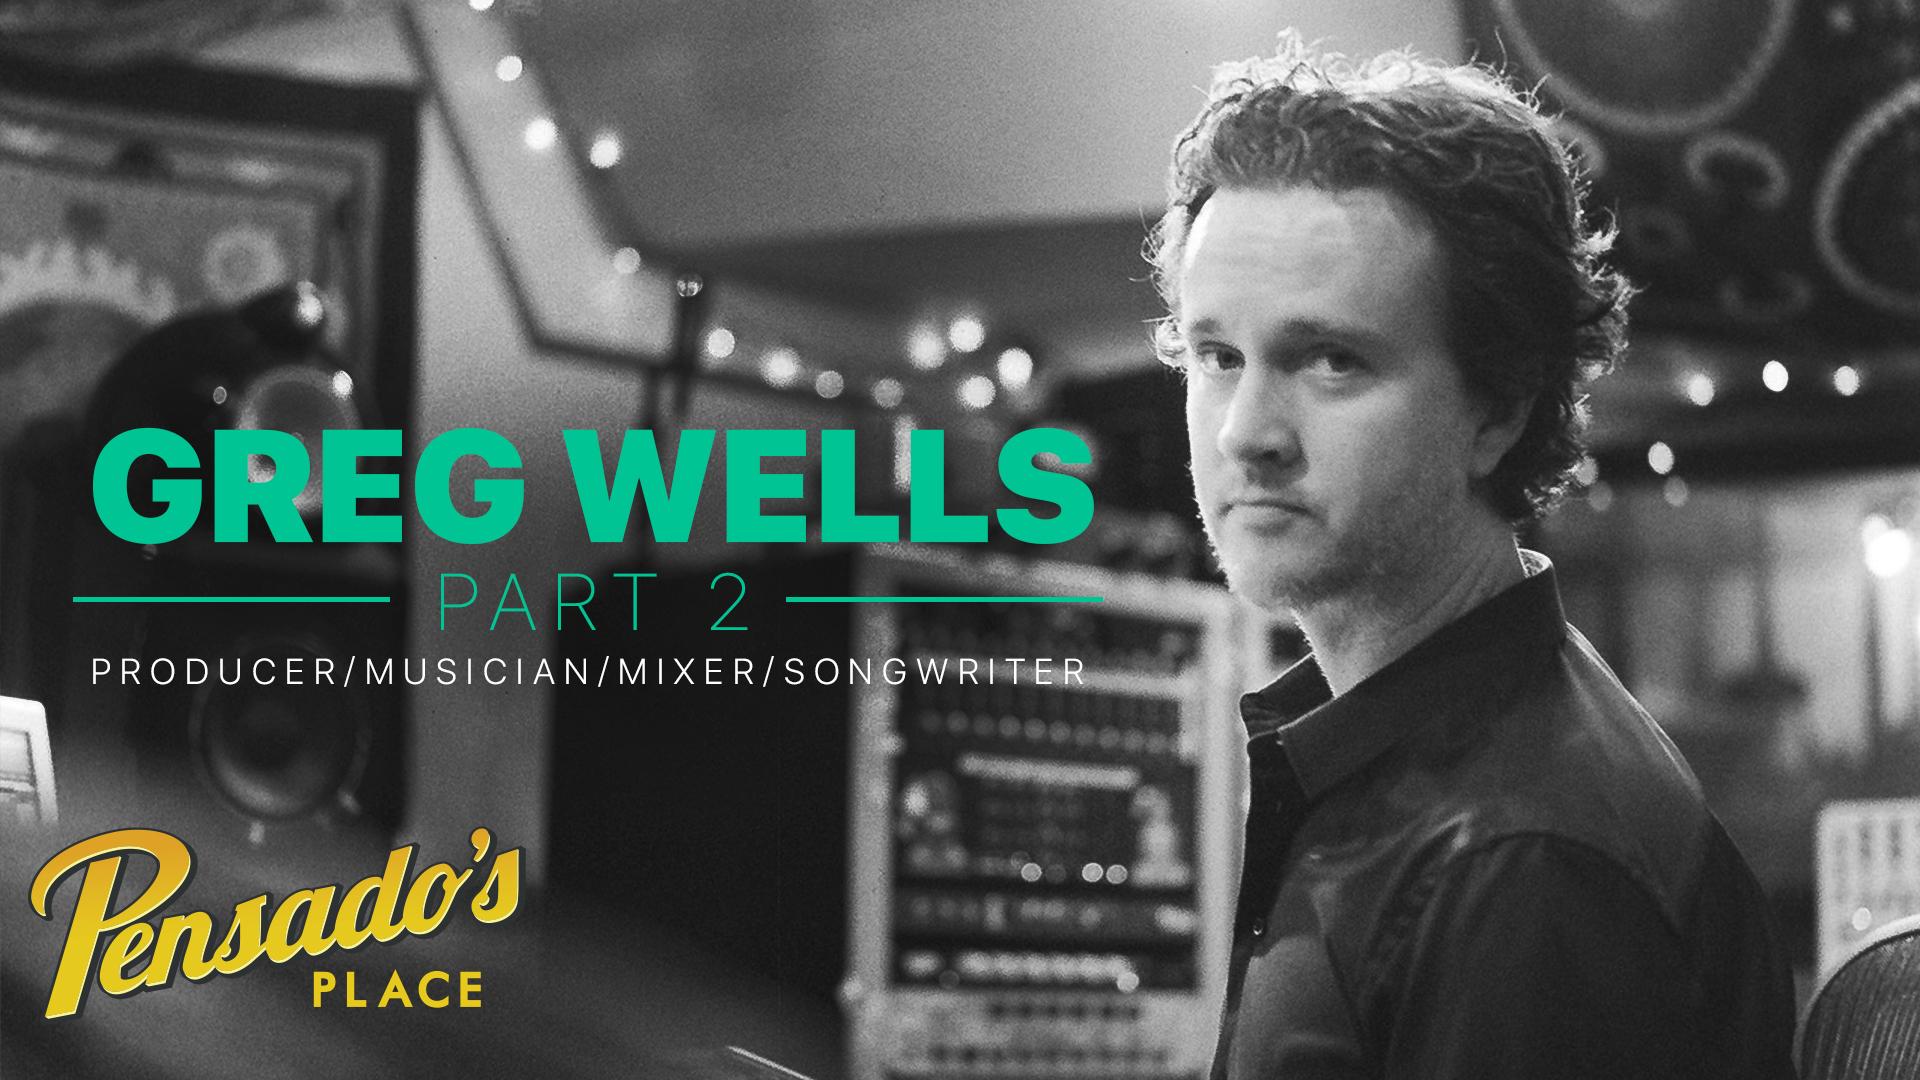 Producer / Musician / Mixer / Songwriter, Greg Wells (Pt 2)